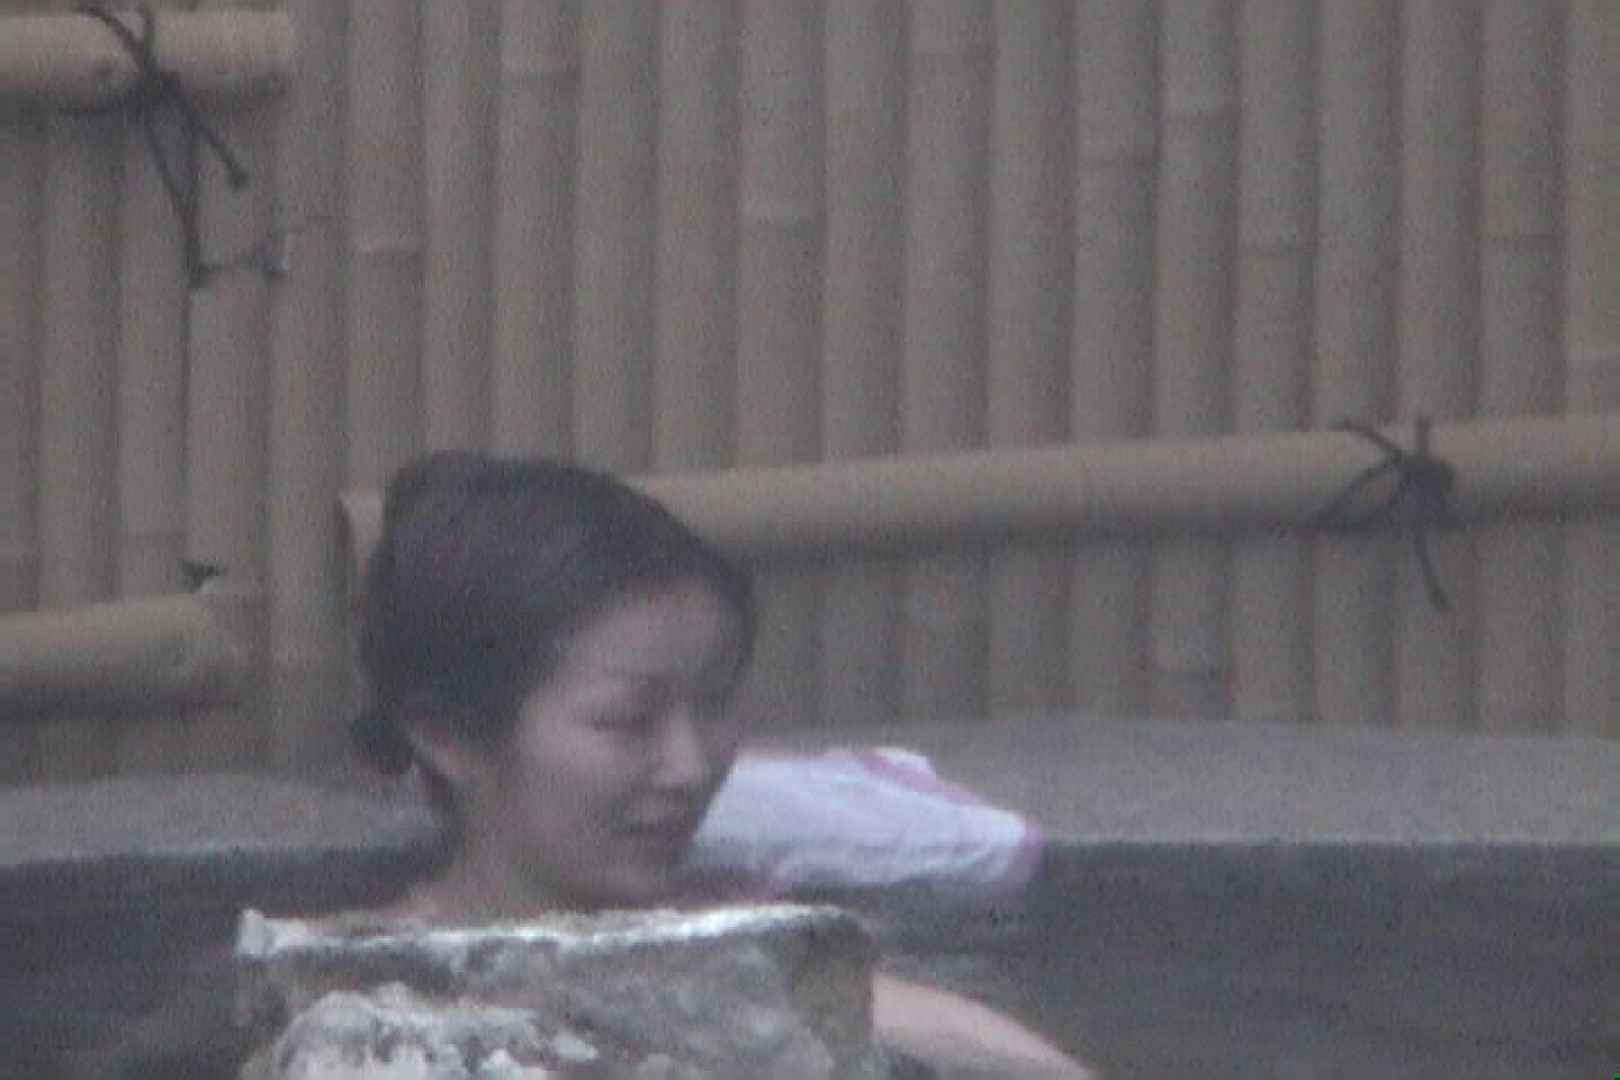 Aquaな露天風呂Vol.82【VIP限定】 盗撮 | 露天  87pic 74